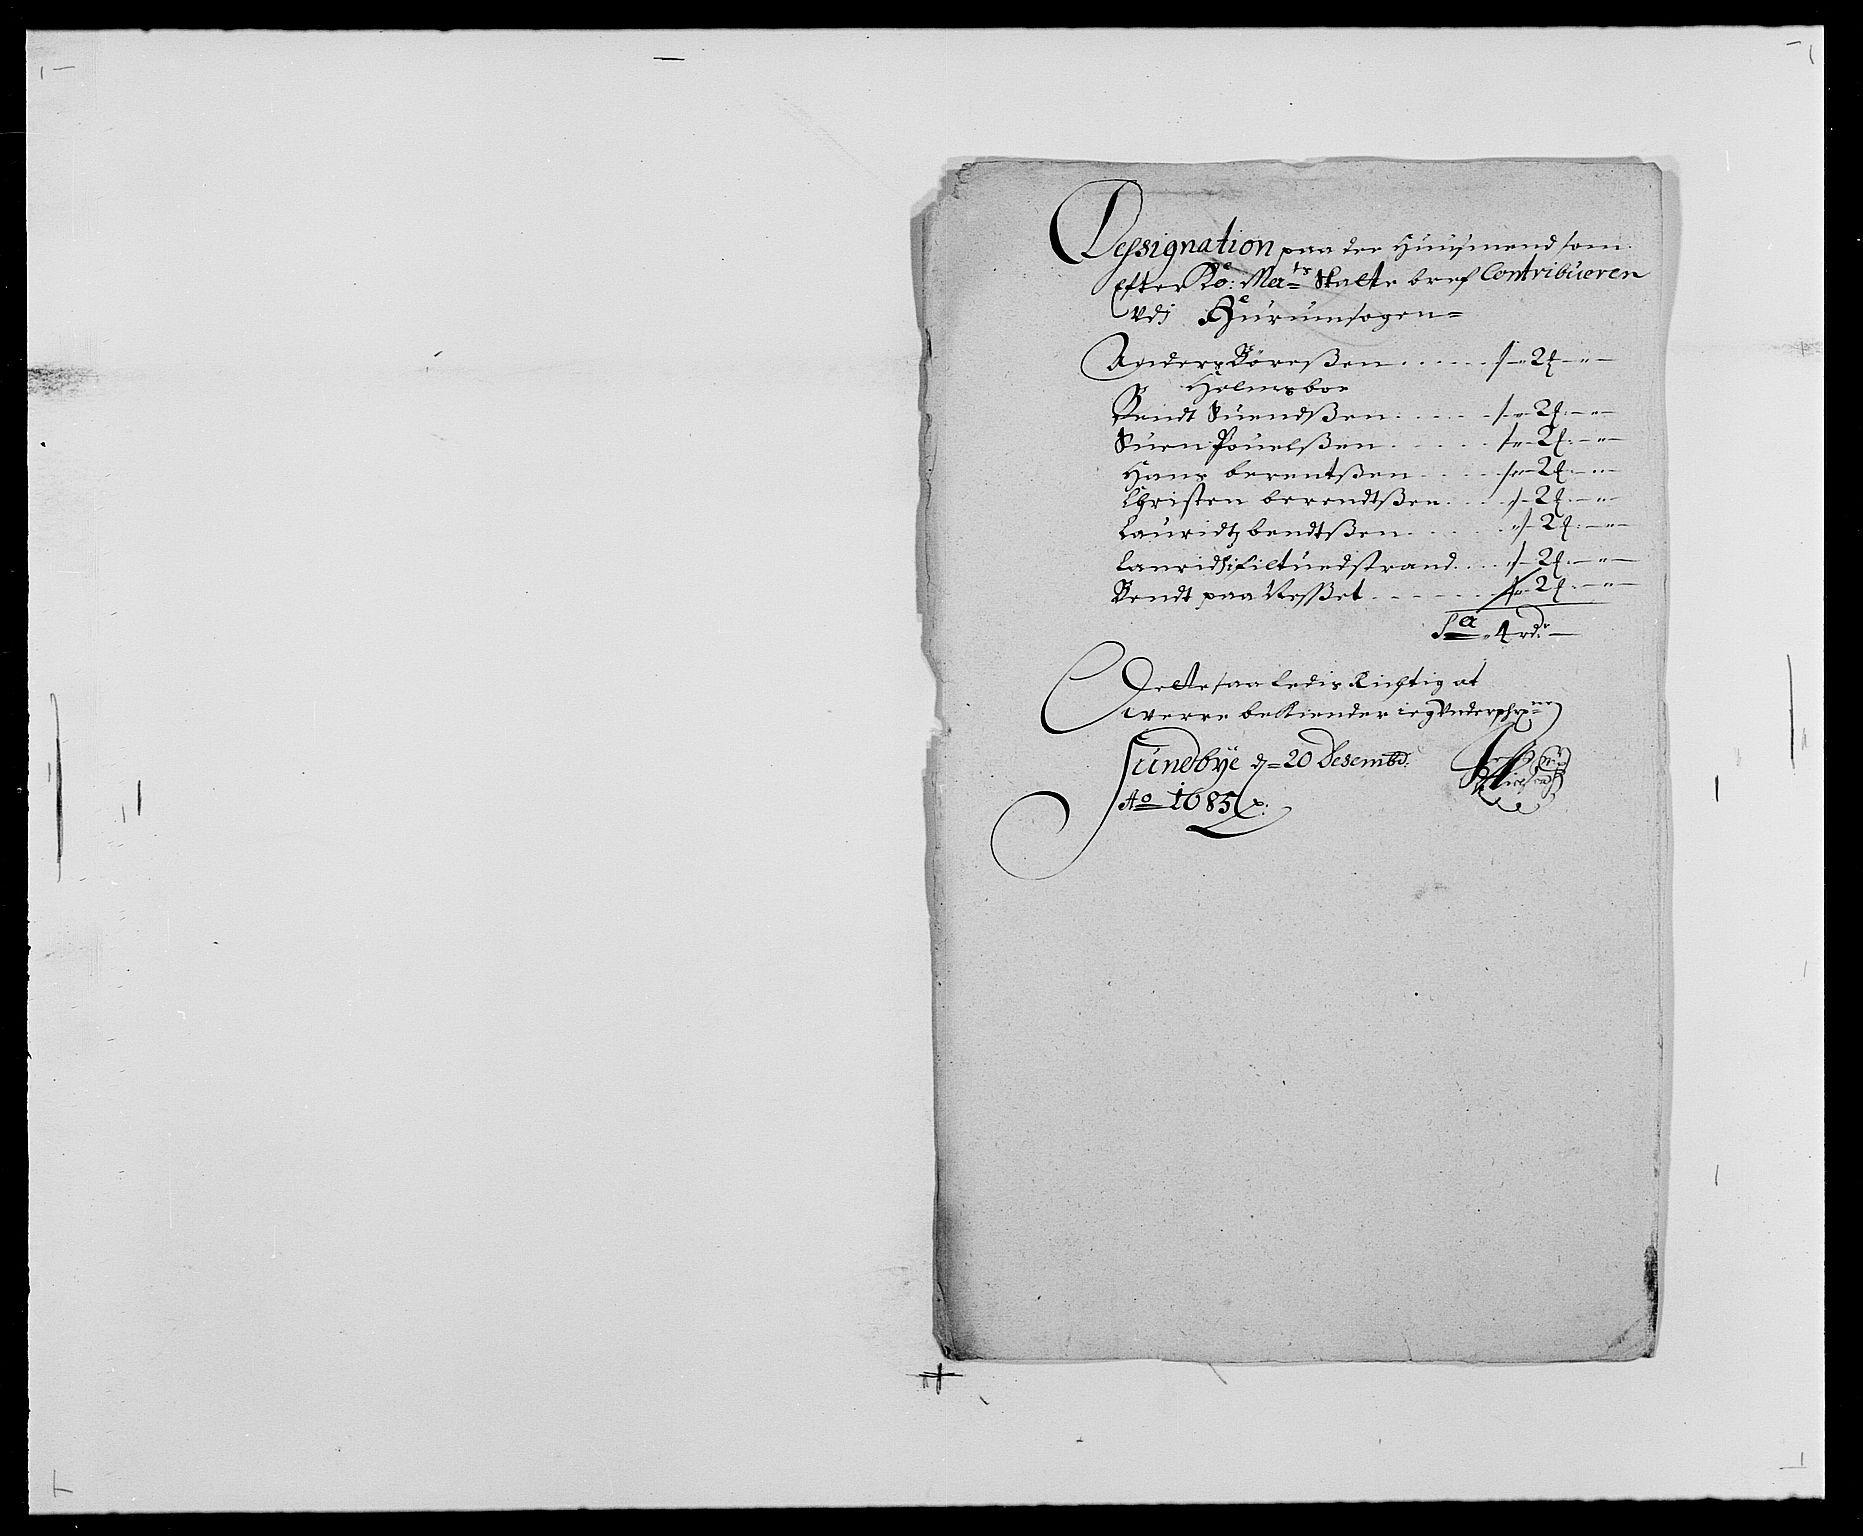 RA, Rentekammeret inntil 1814, Reviderte regnskaper, Fogderegnskap, R29/L1692: Fogderegnskap Hurum og Røyken, 1682-1687, s. 252